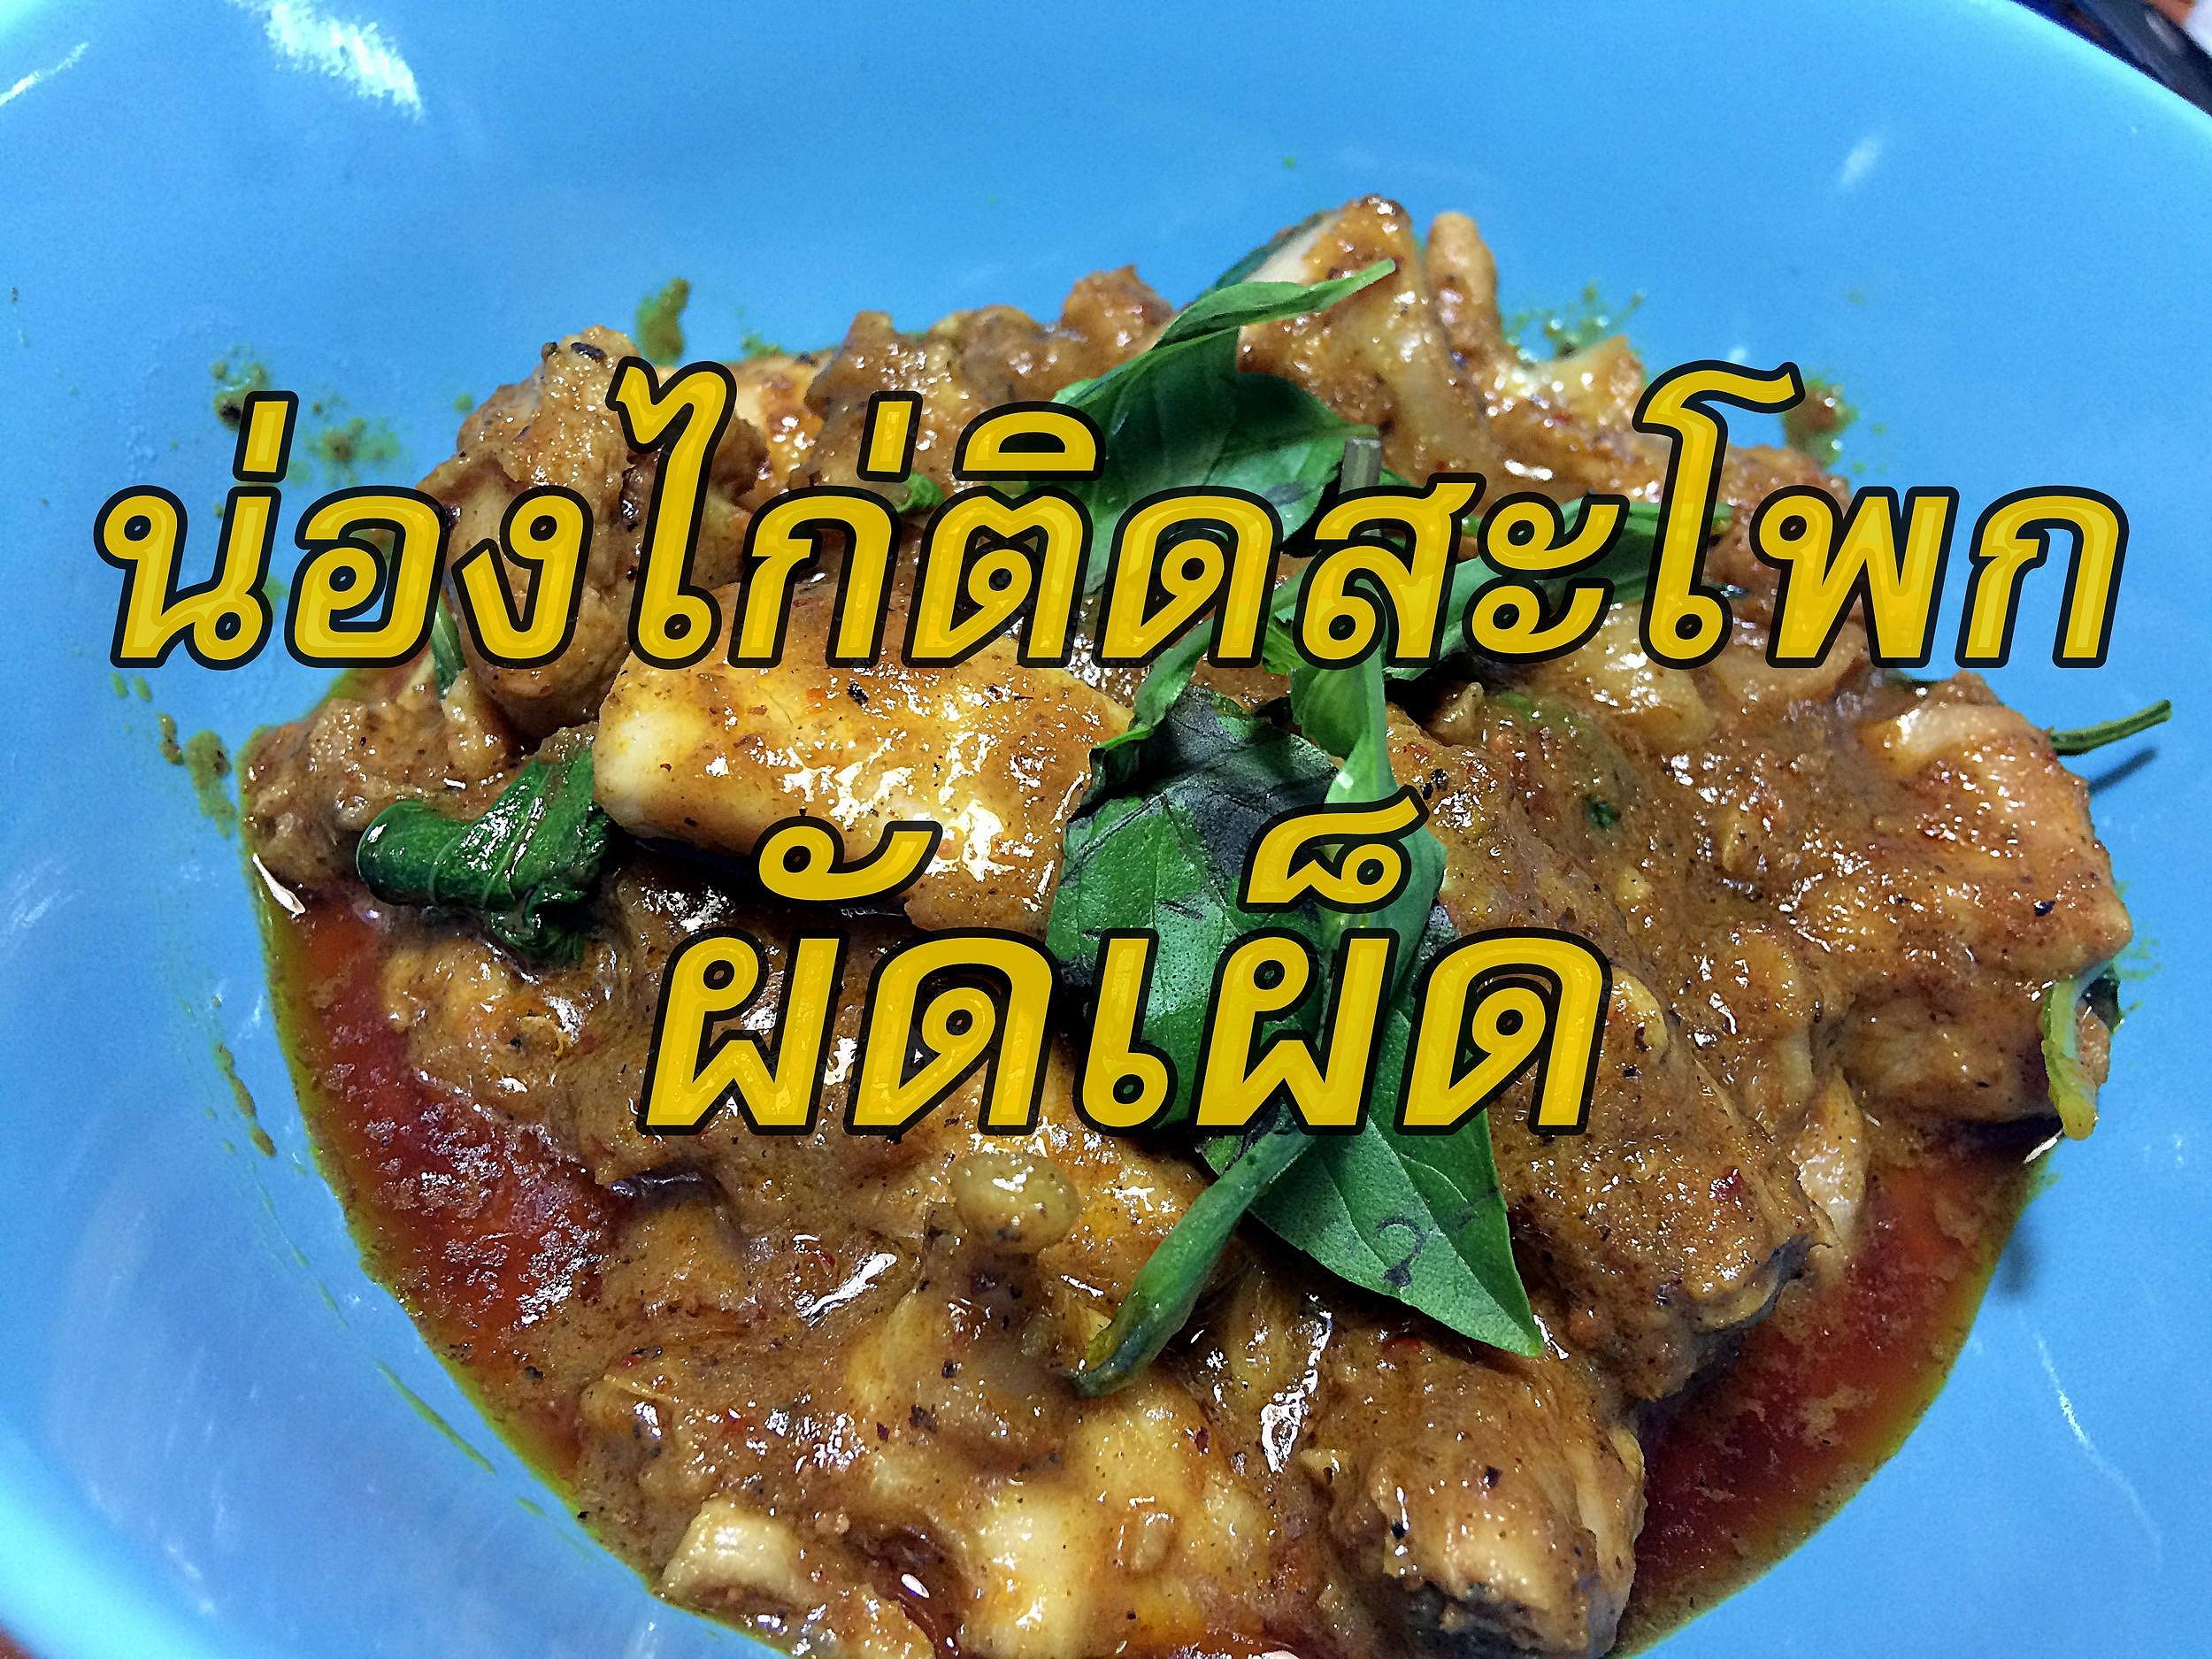 มาชวนพ่อบ้านทำกับข้าวให้เมียกิน .... (เหมาะสำหรับคนรักเมีย) ...555